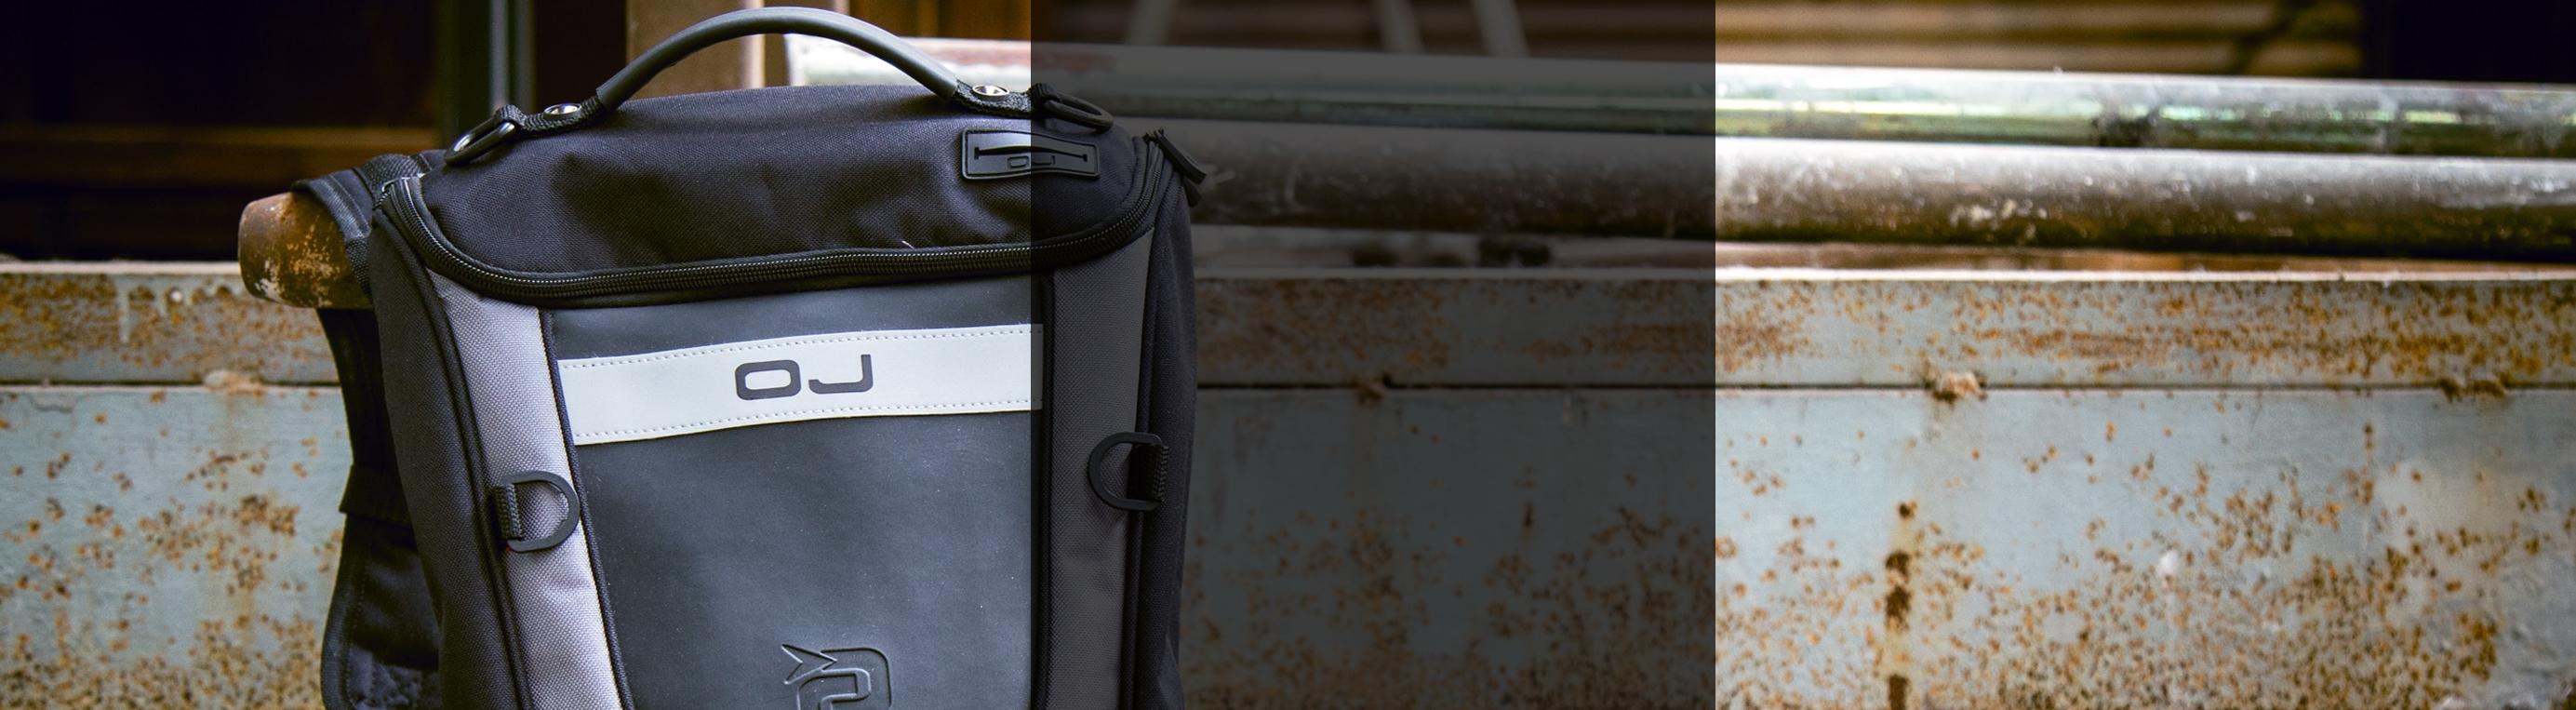 Taschen-Rucksäcke